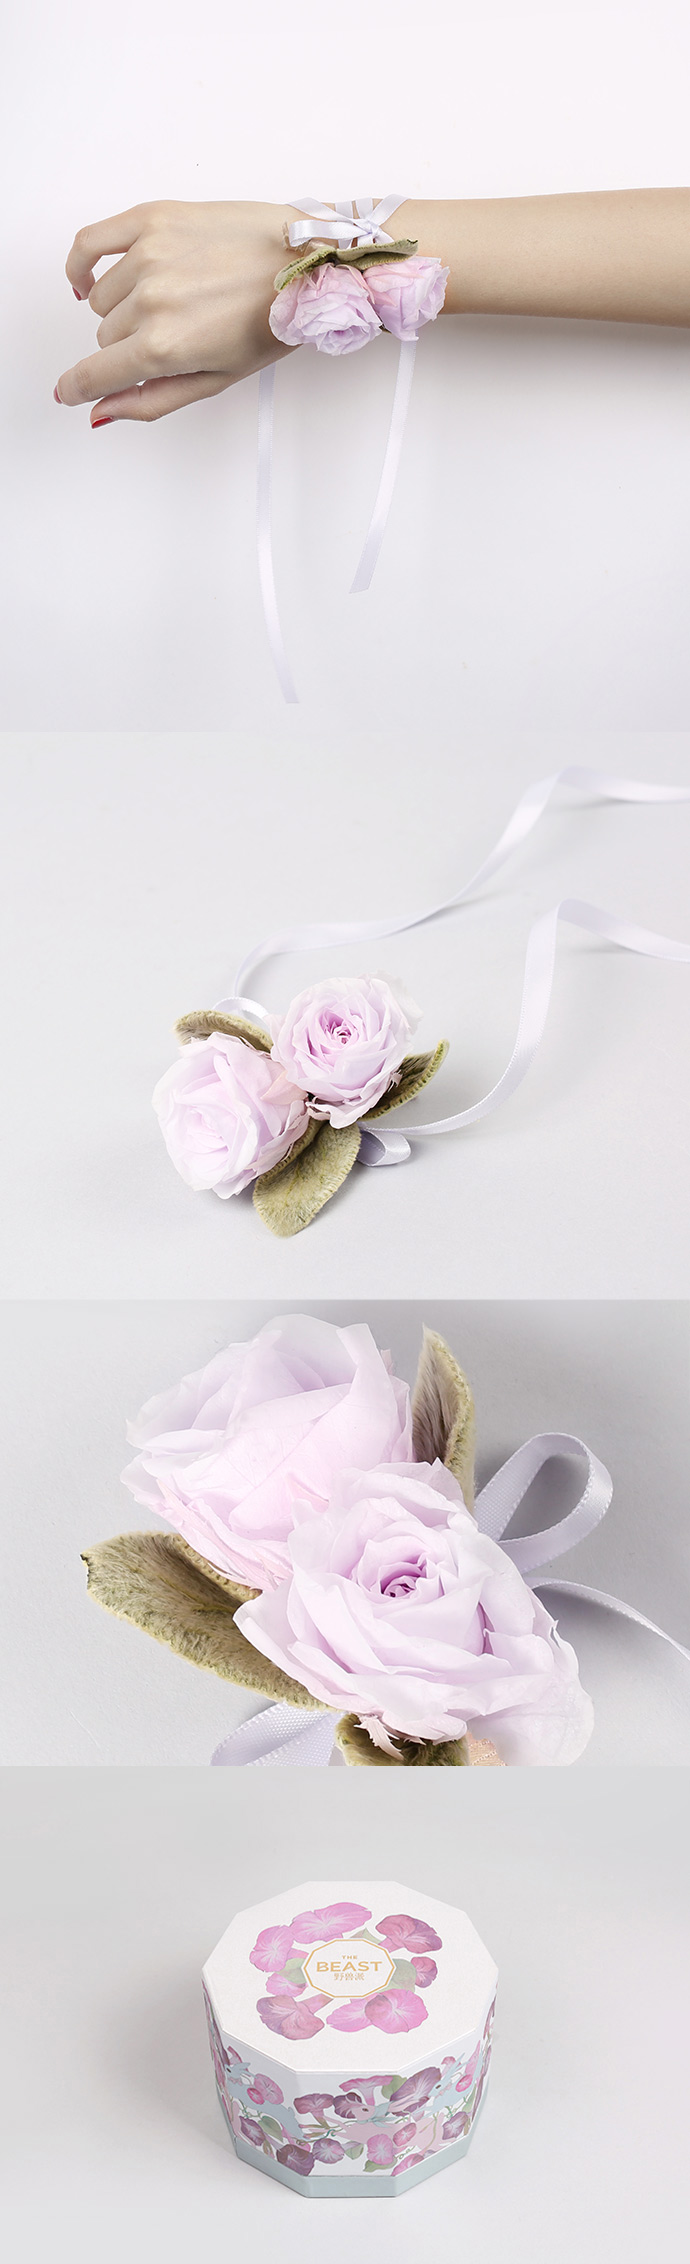 永生玫瑰新娘手腕花 - 紫